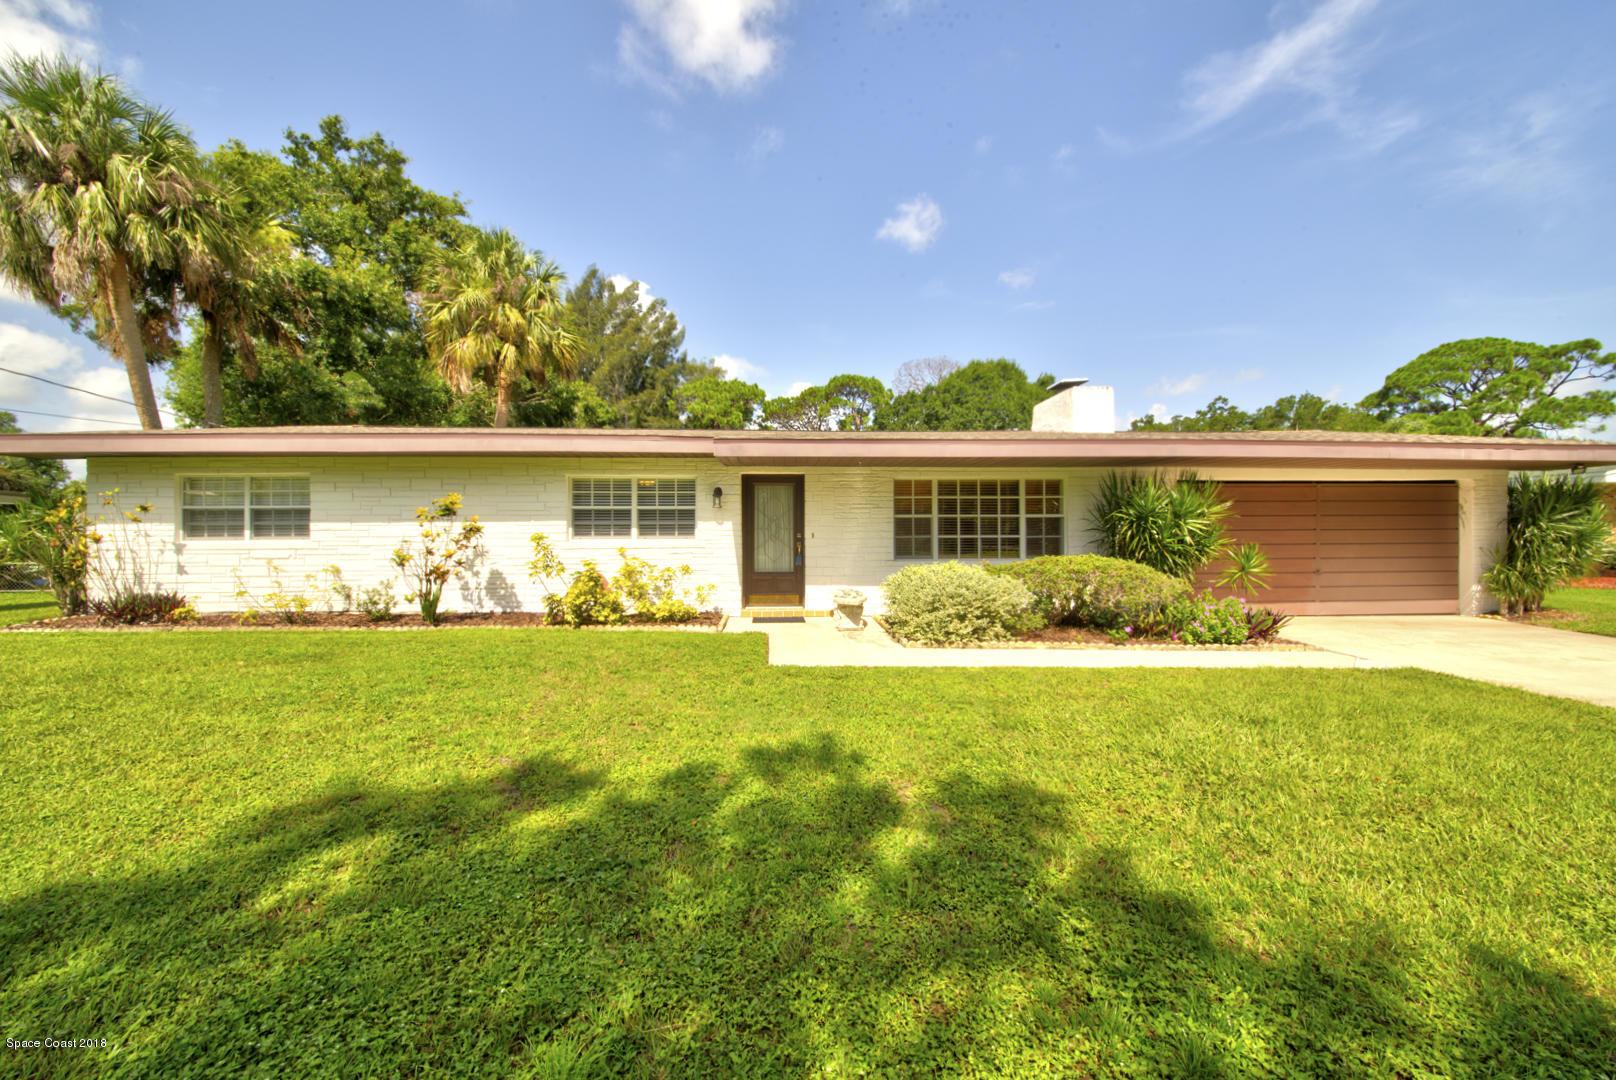 獨棟家庭住宅 為 出售 在 8338 Sylvan 8338 Sylvan West Melbourne, 佛羅里達州 32904 美國